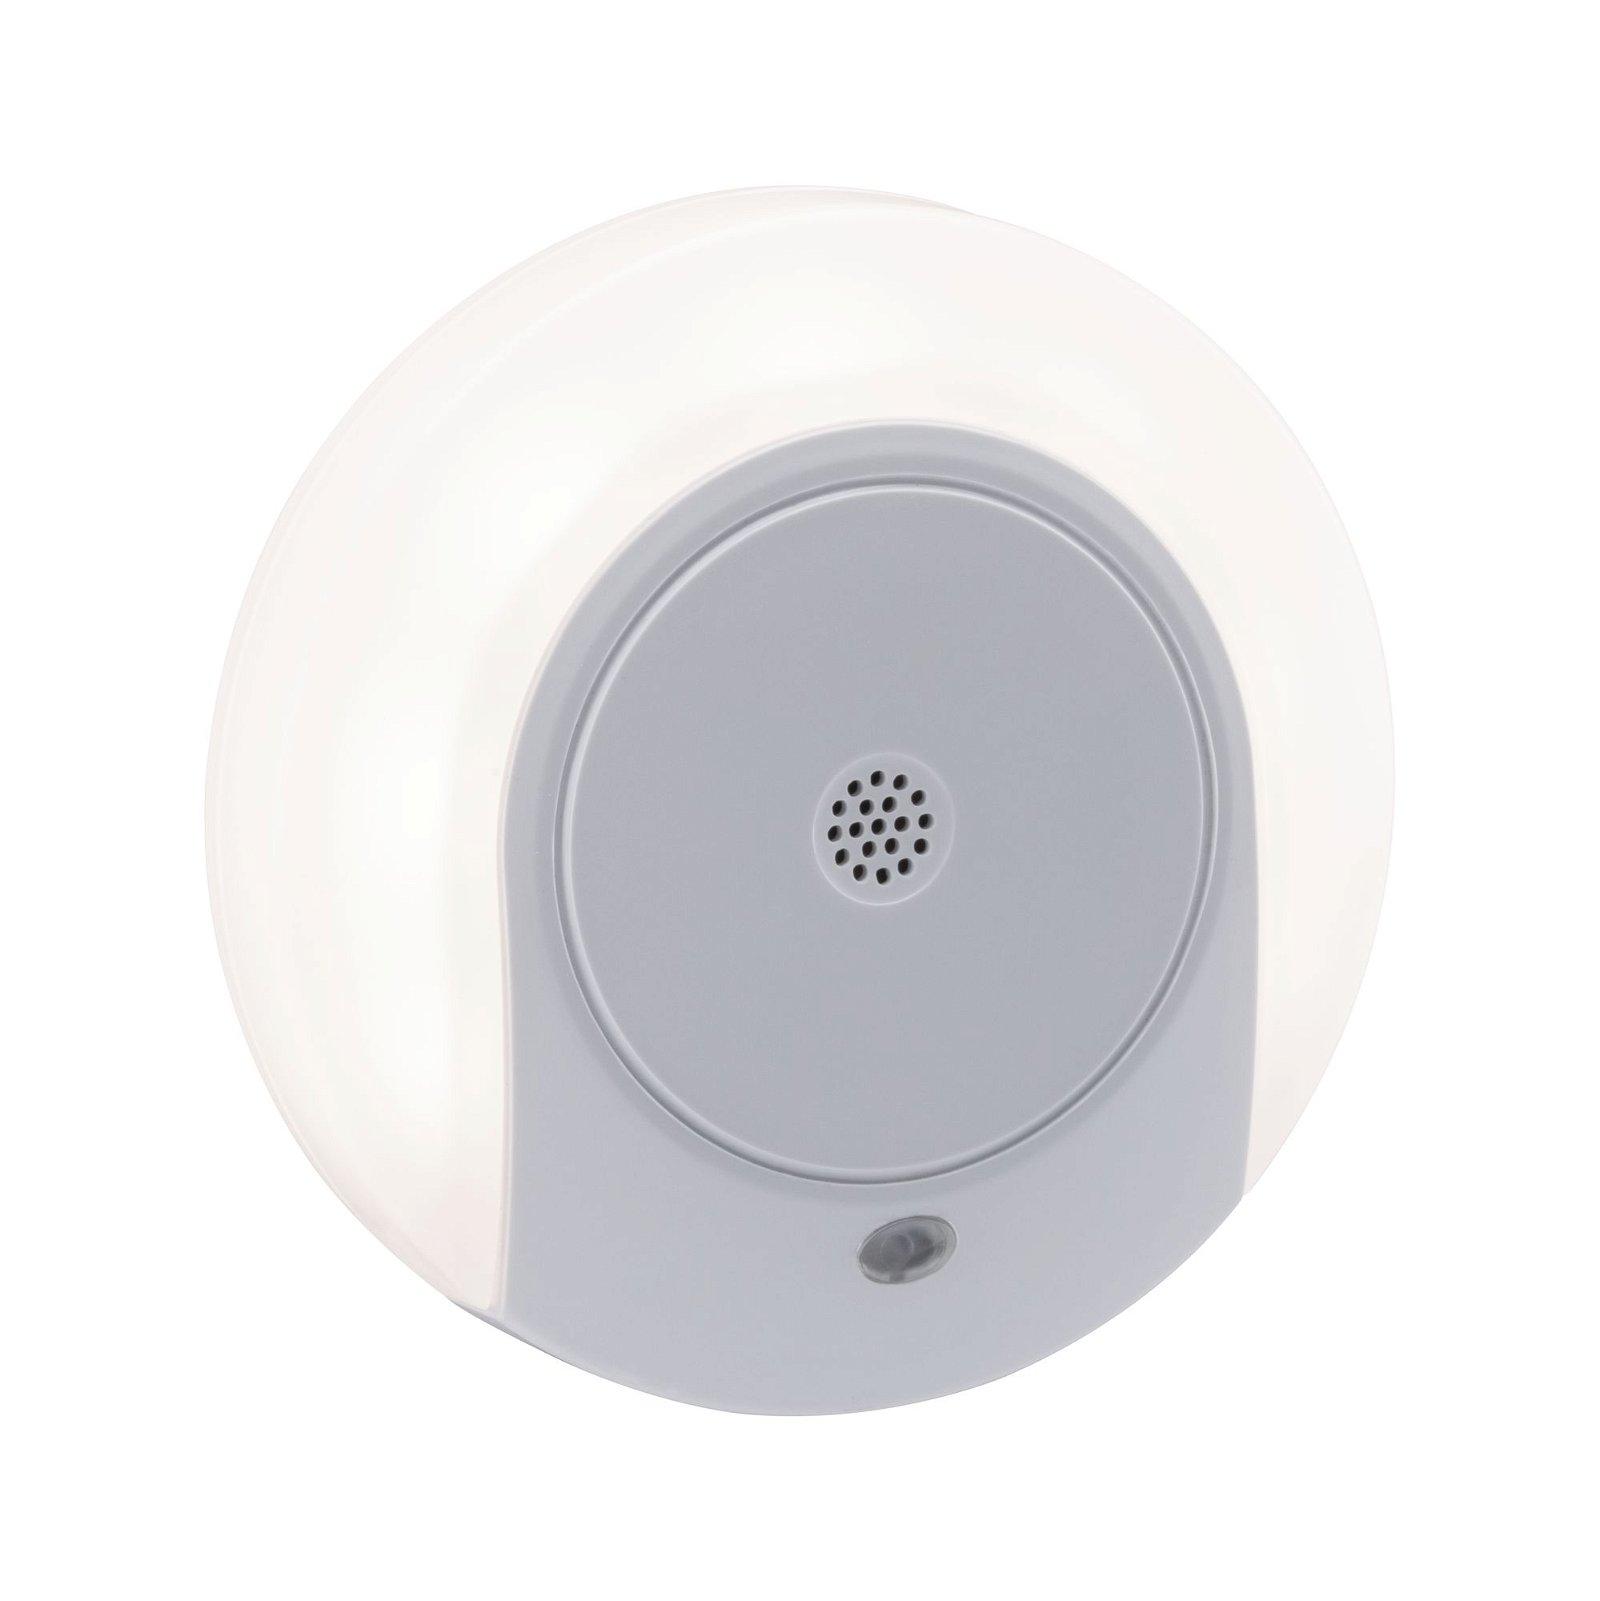 Nachtlicht Horby Sound-Sensor rund 3000K 56lm